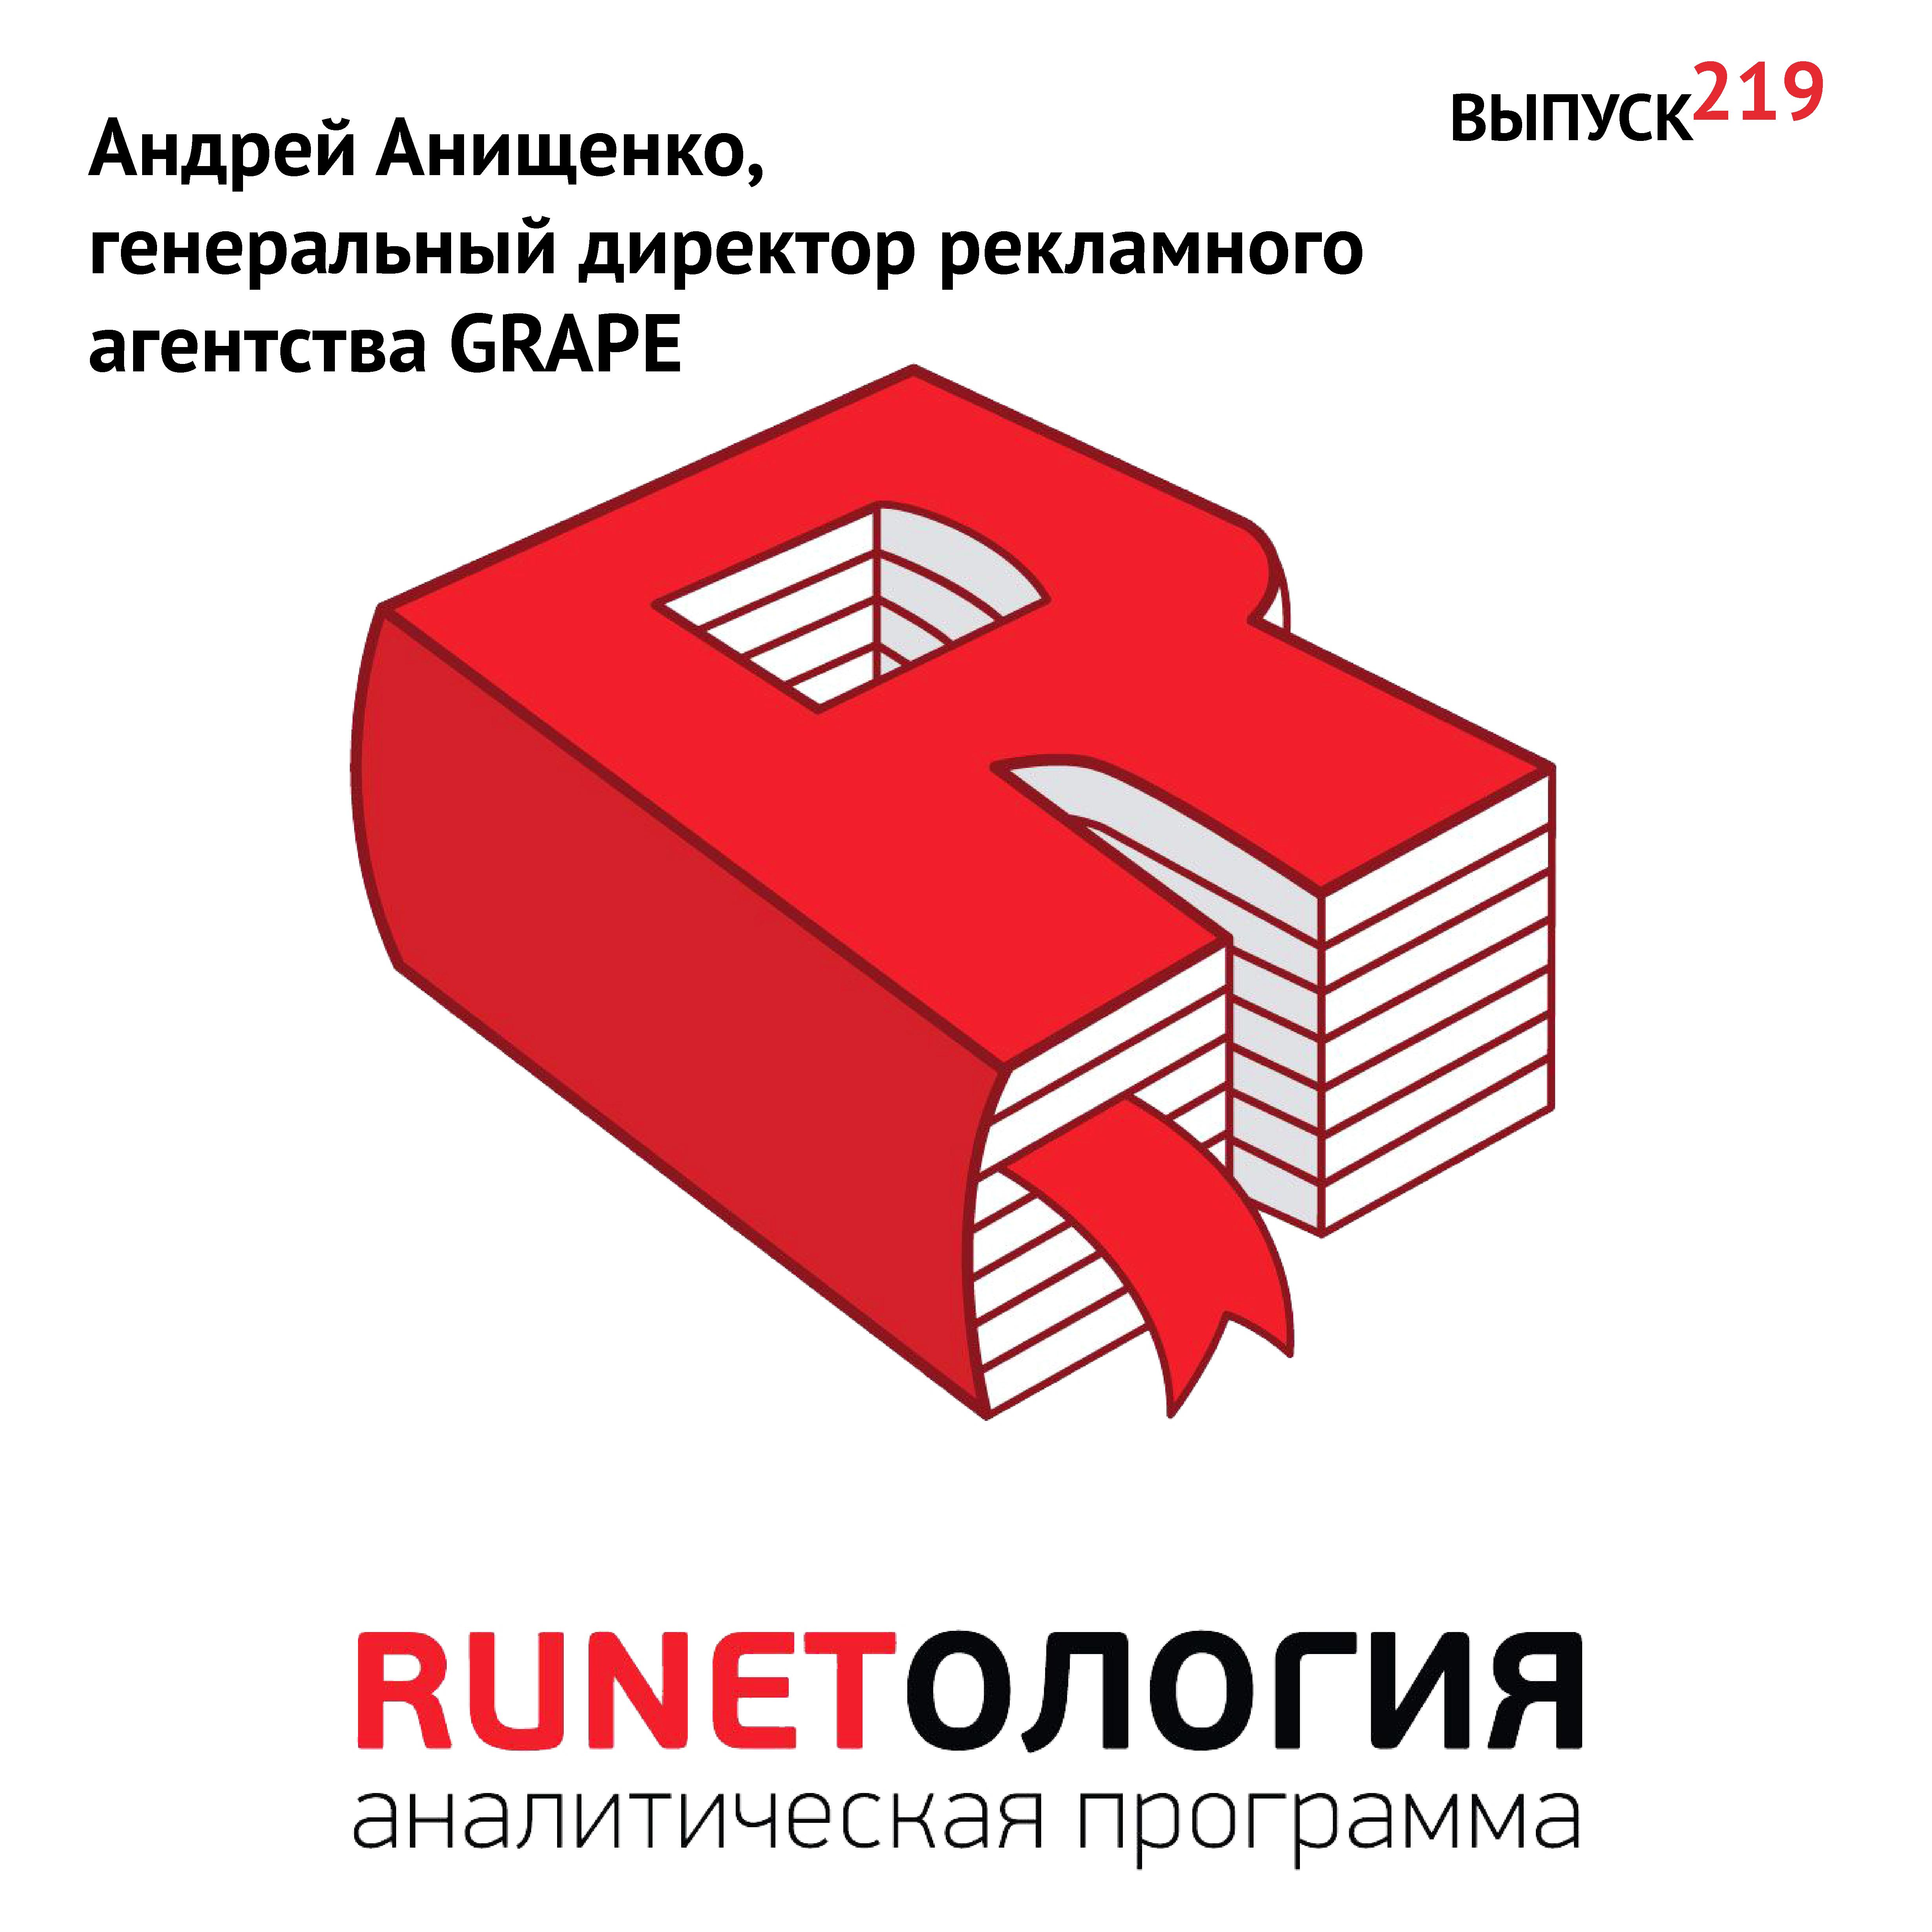 Максим Спиридонов Андрей Анищенко, генеральный директор рекламного агентства GRAPE